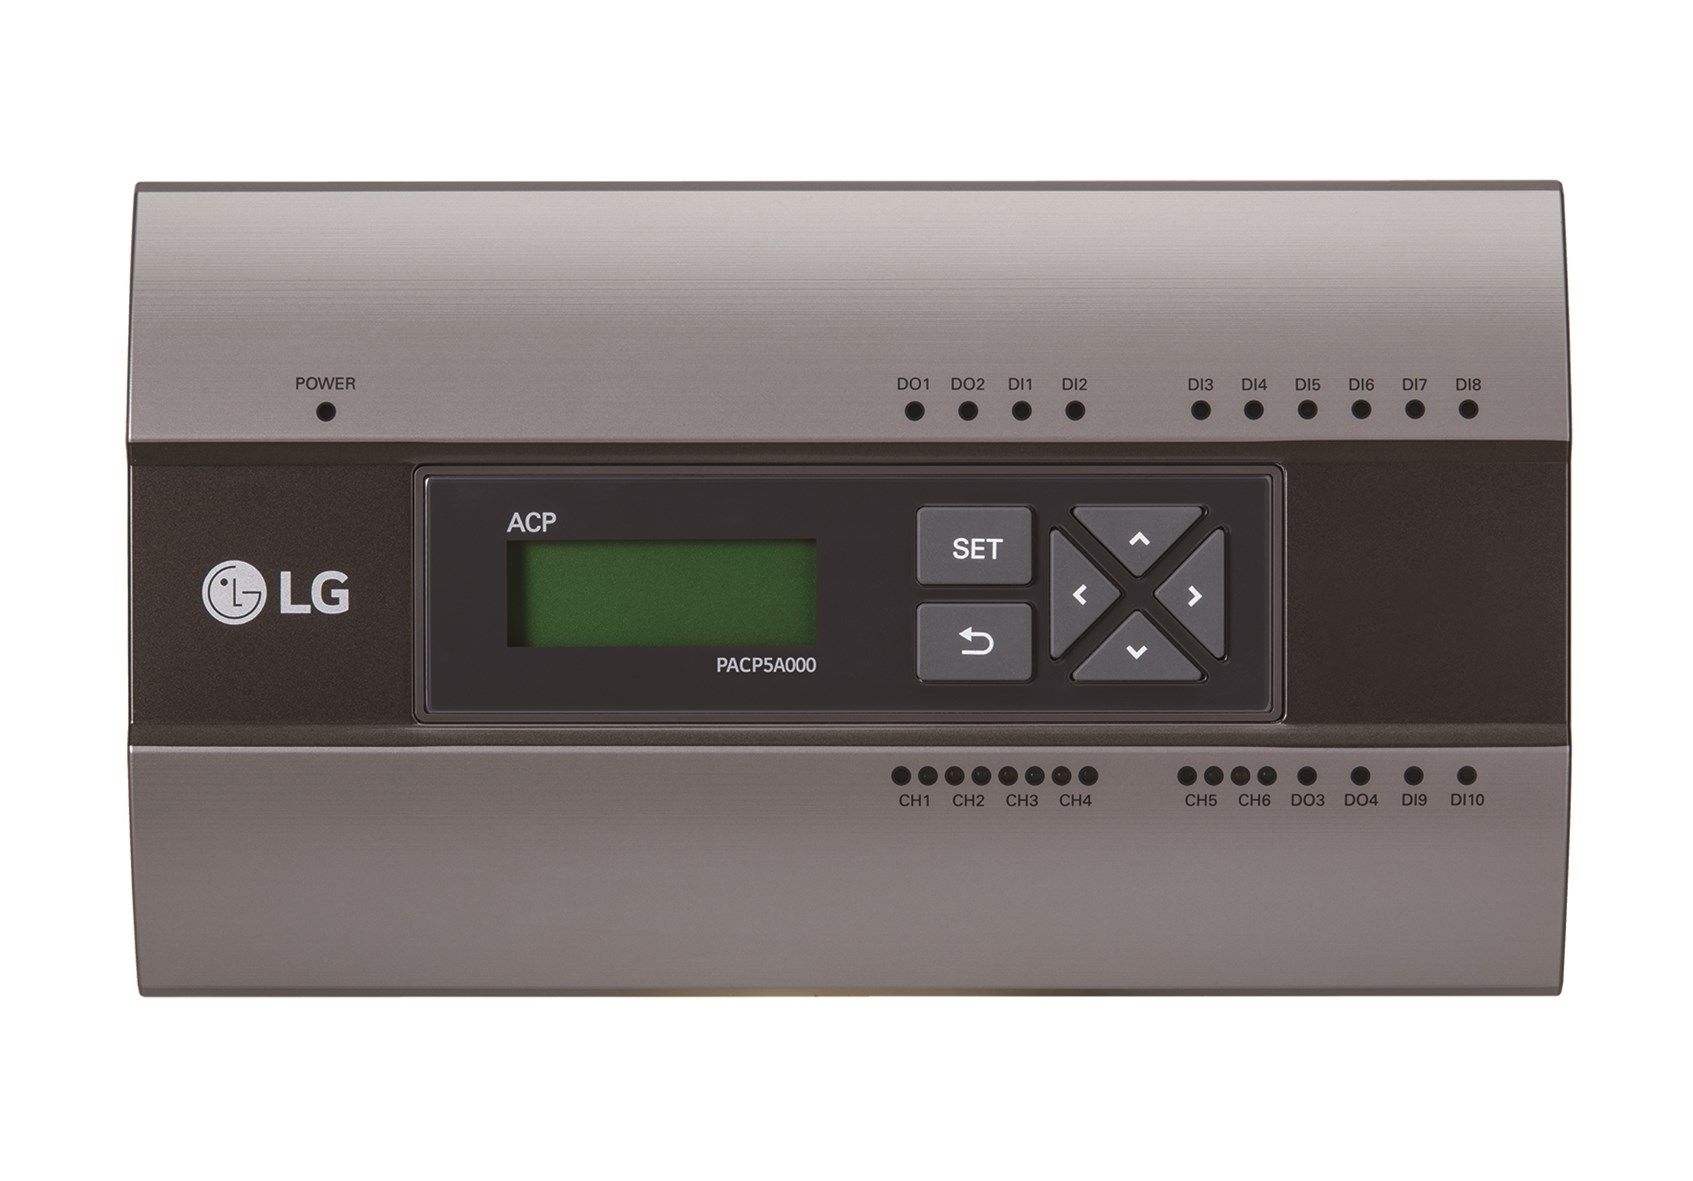 LG presenta l'innovativo  sistema di controllo ACP 5